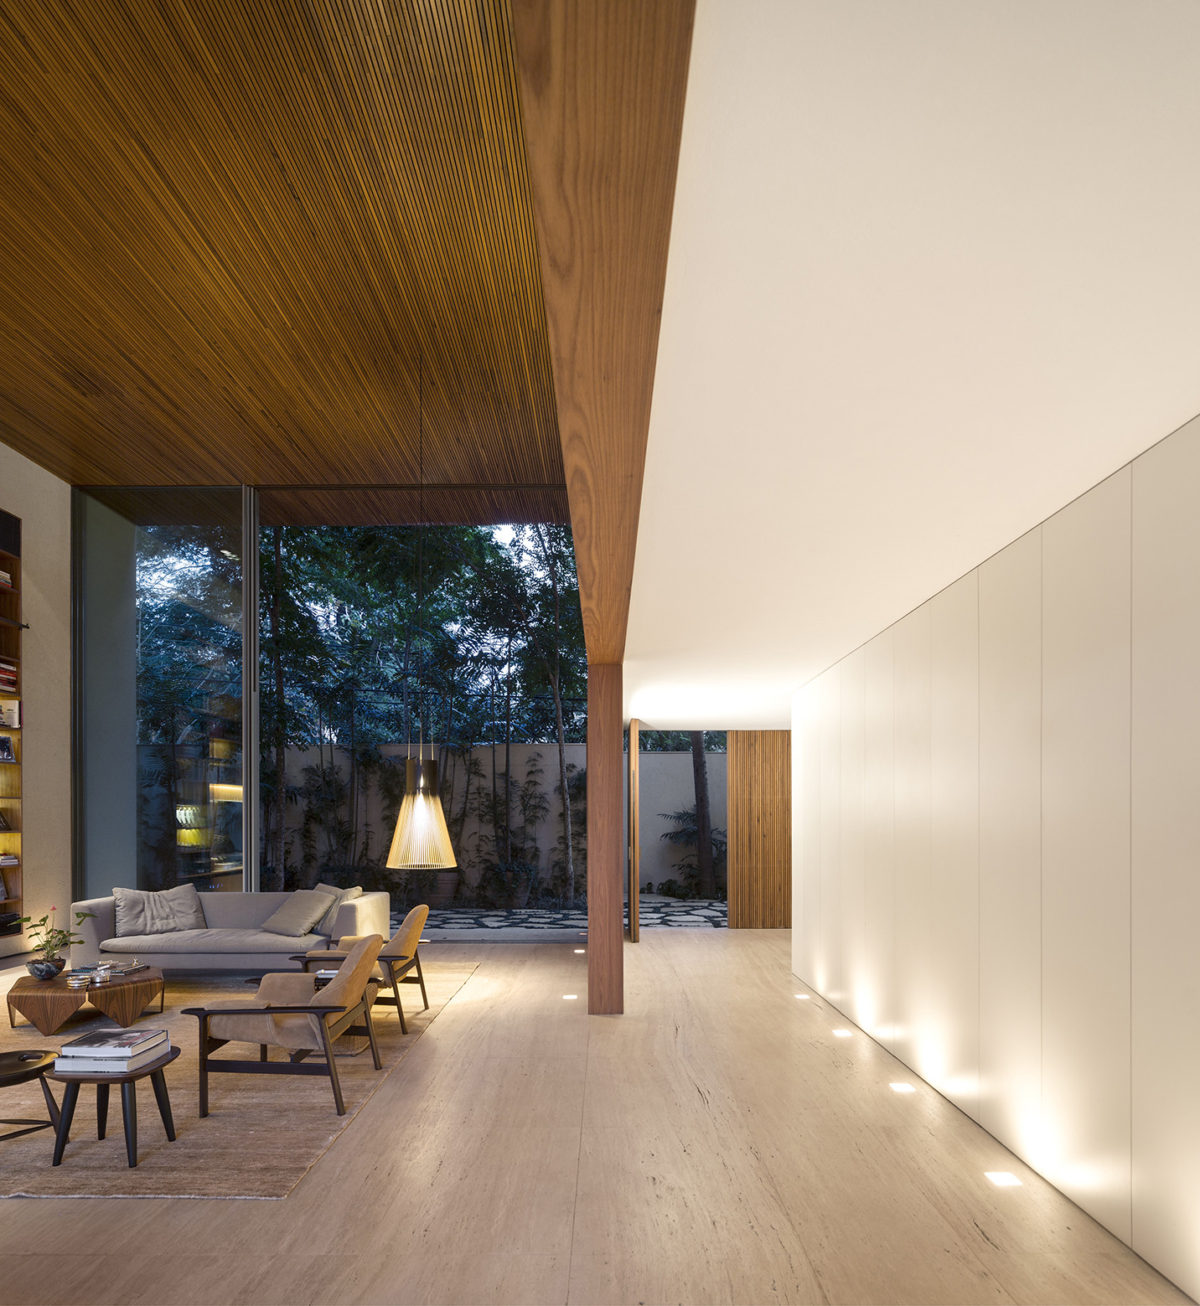 Thú vị căn biệt thự hồ bơi thiết kế từ cảm hứng của trò xếp hình Tetris